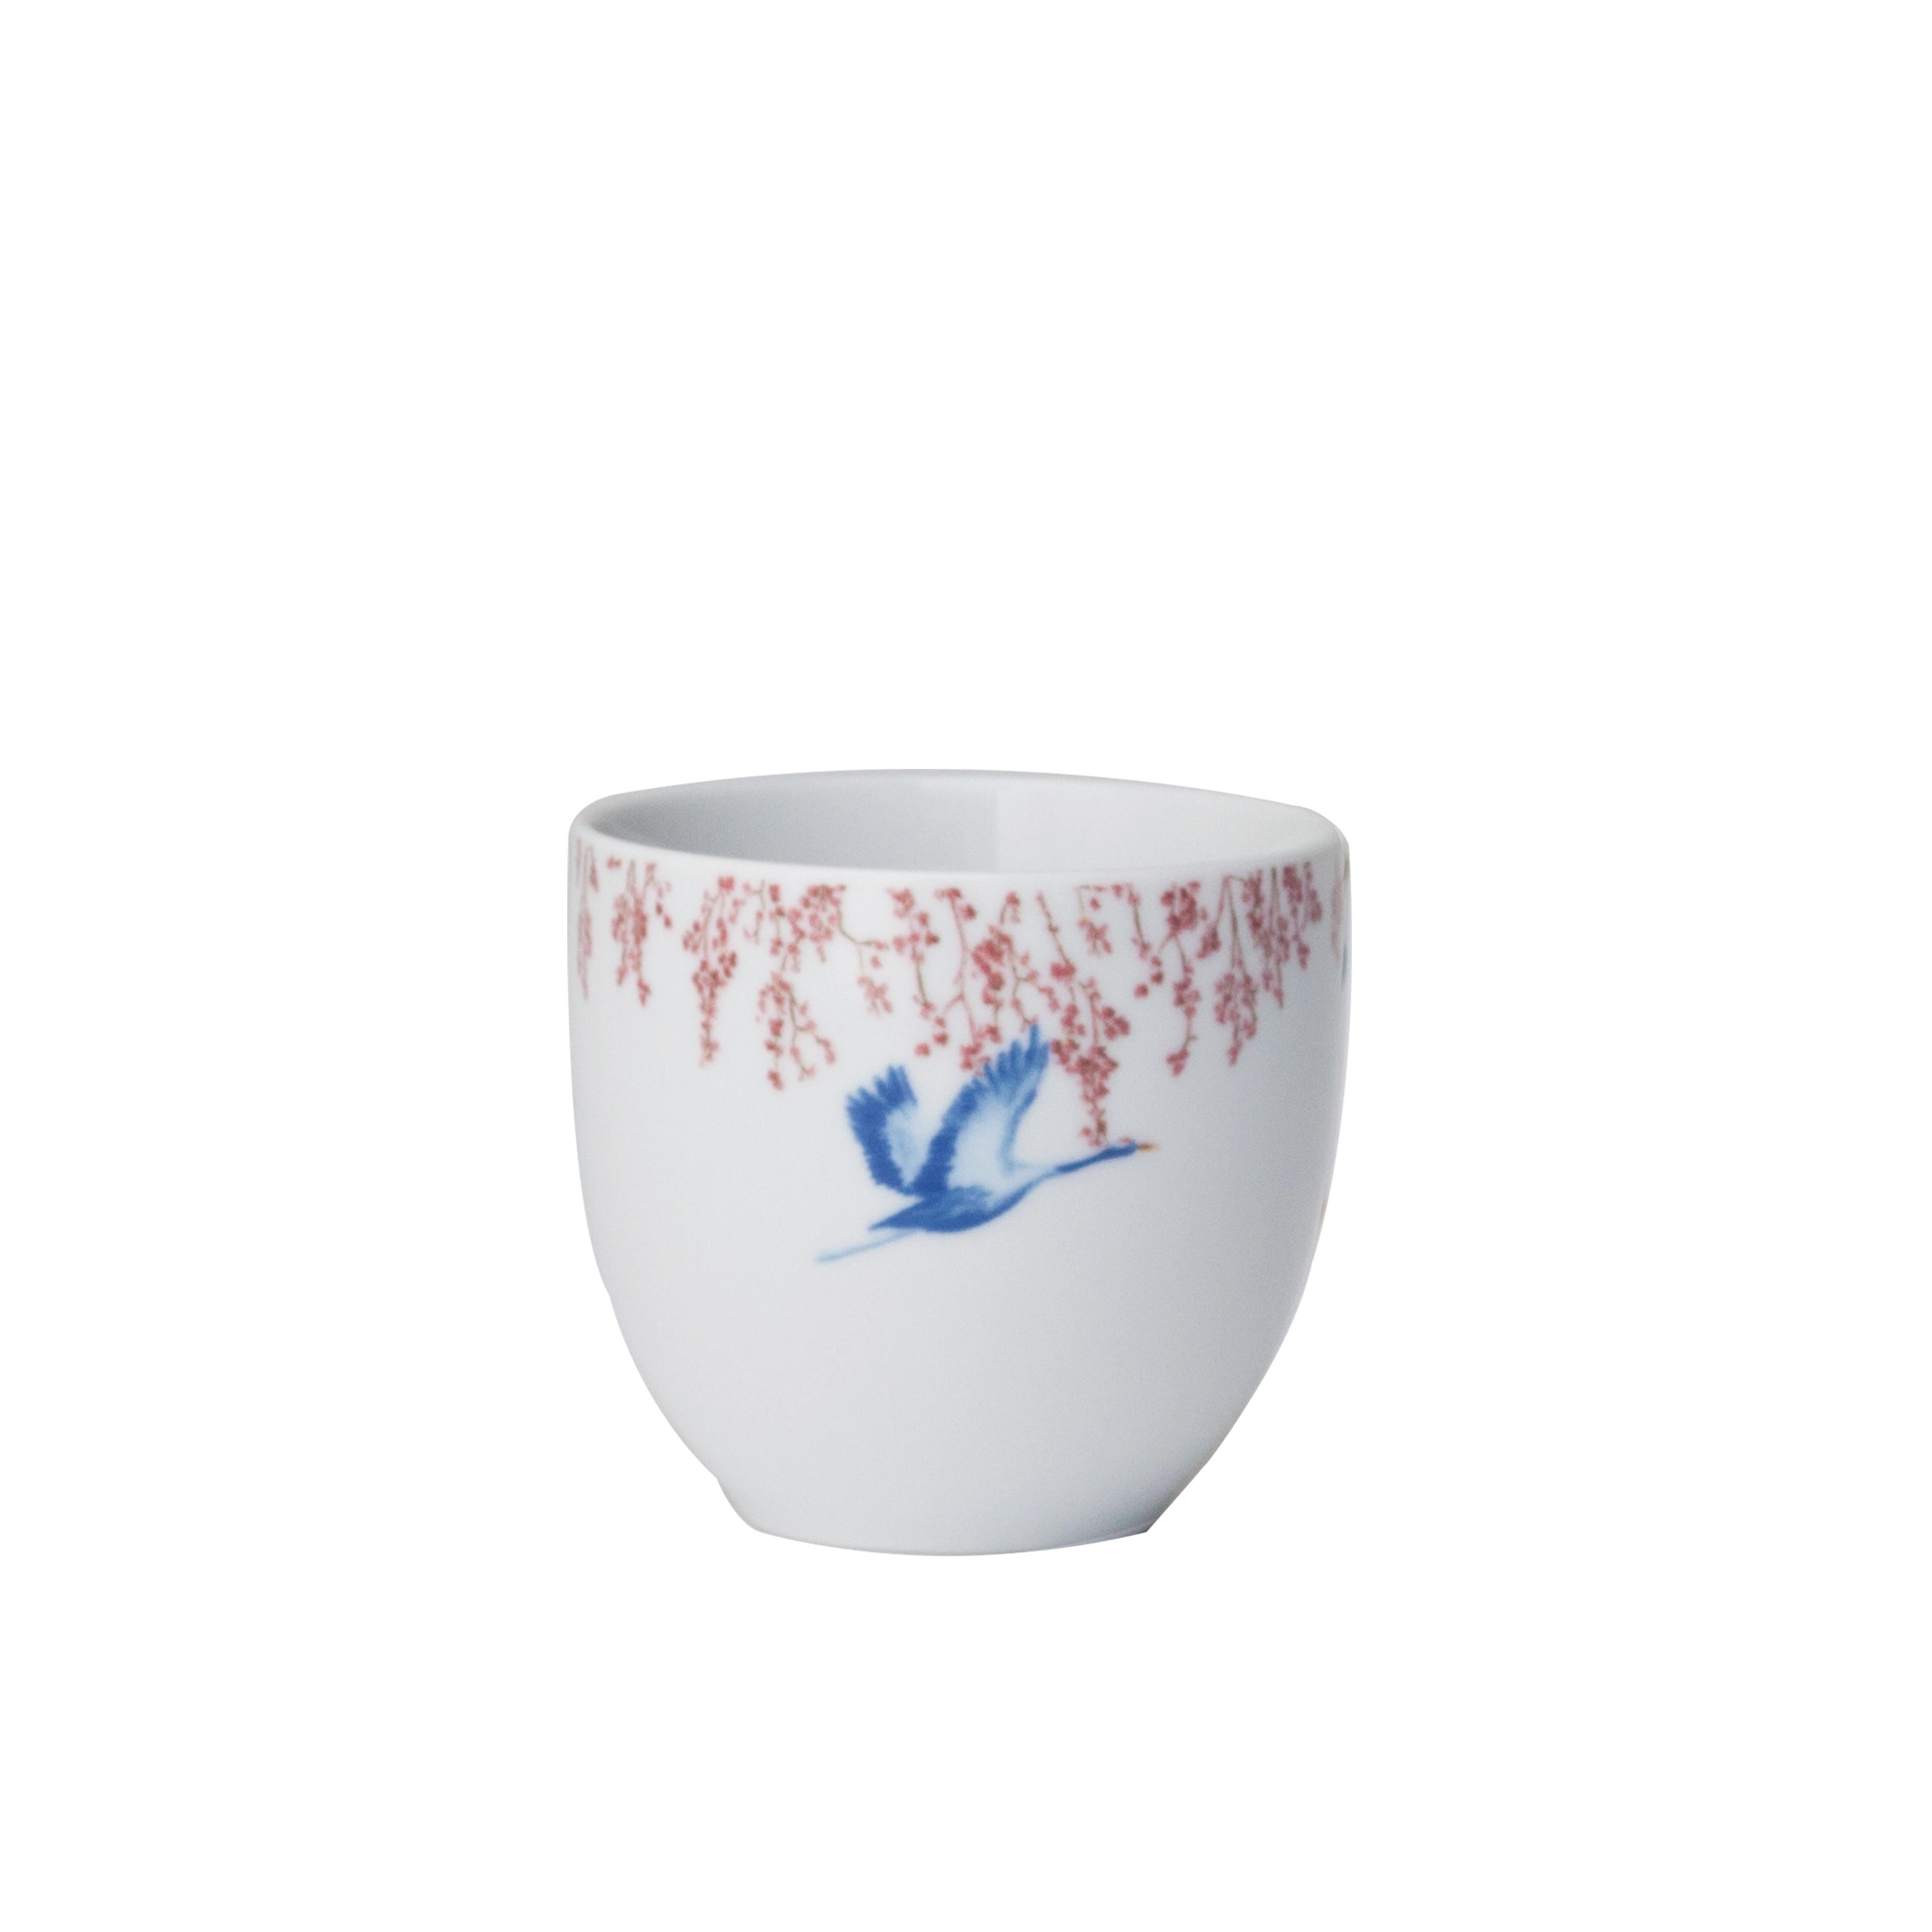 koffiekopje kraanvogels van catchii